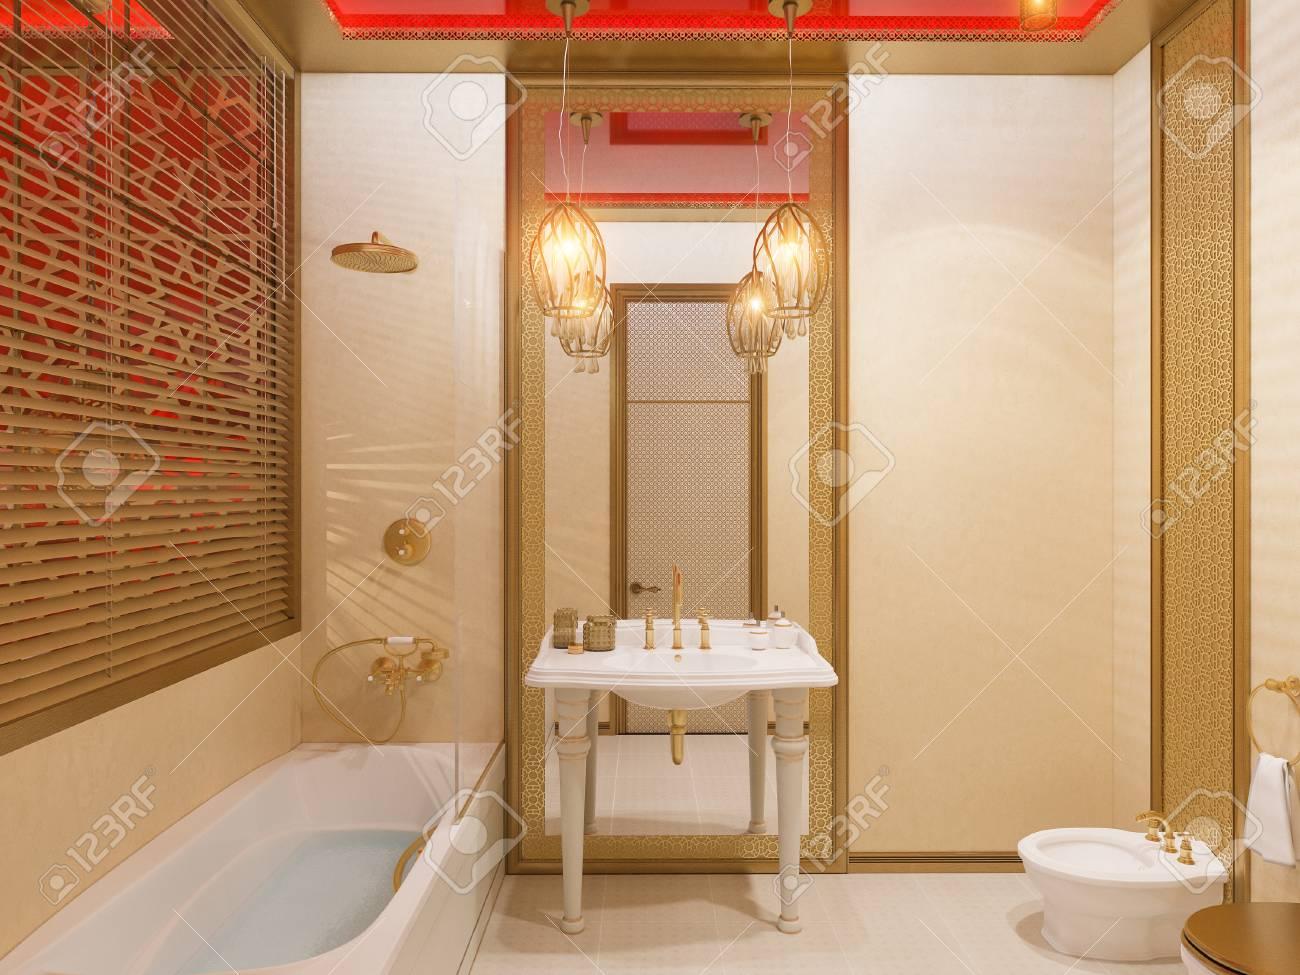 Illustration 3D, salle de bain design d\'intérieur d\'une chambre d\'hôtel  dans un style islamique traditionnel. Belle chambre de luxe Ramdan Kareem  vue ...